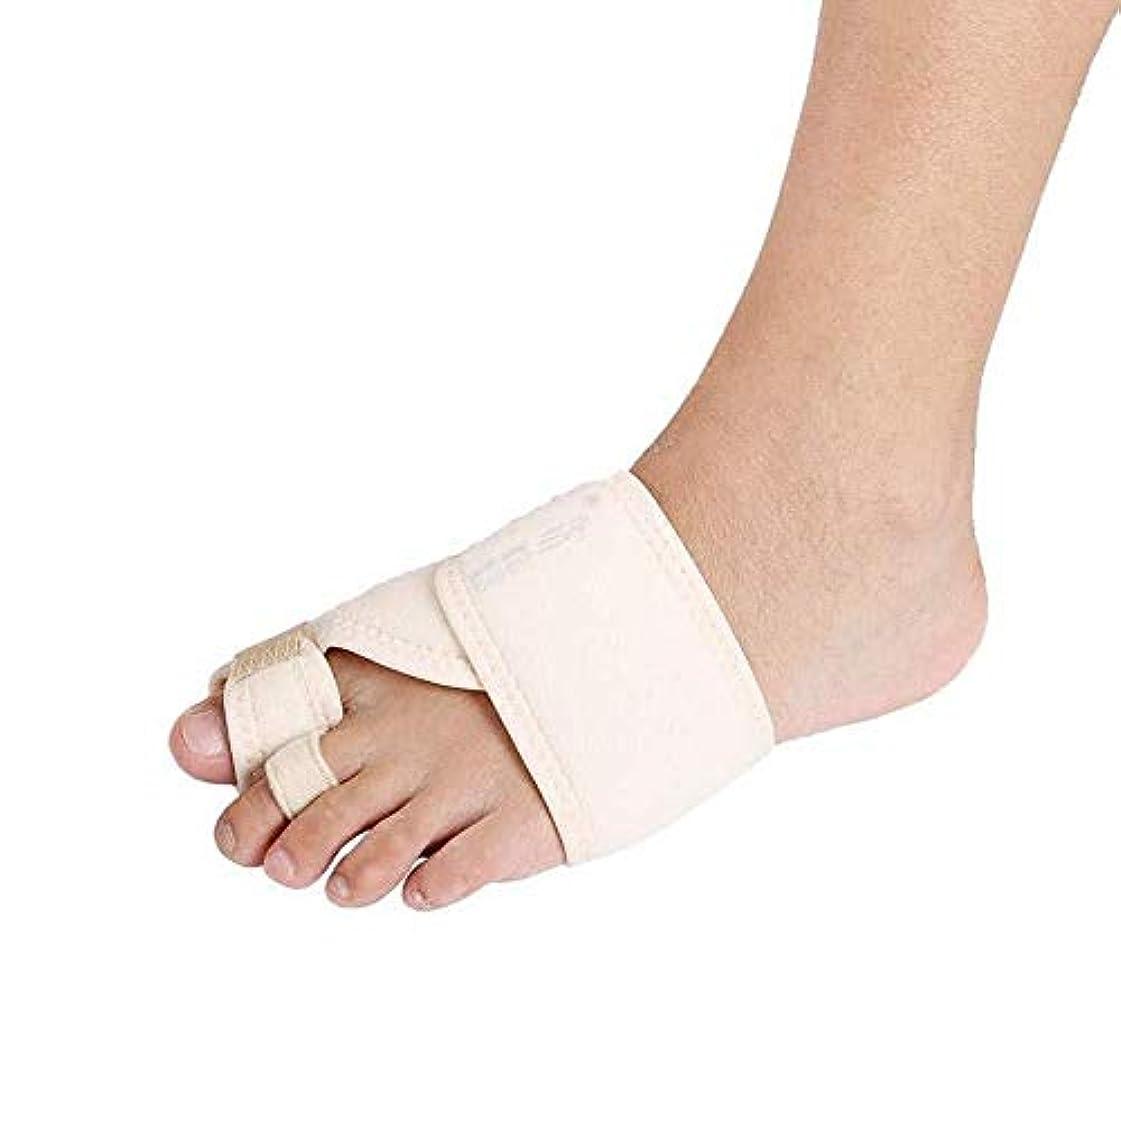 ホットシーフード外反母ortho装具、肘装具、外反母hall、外反母gus、女性および男性用の外反母reliefリリーフ,Left Foot